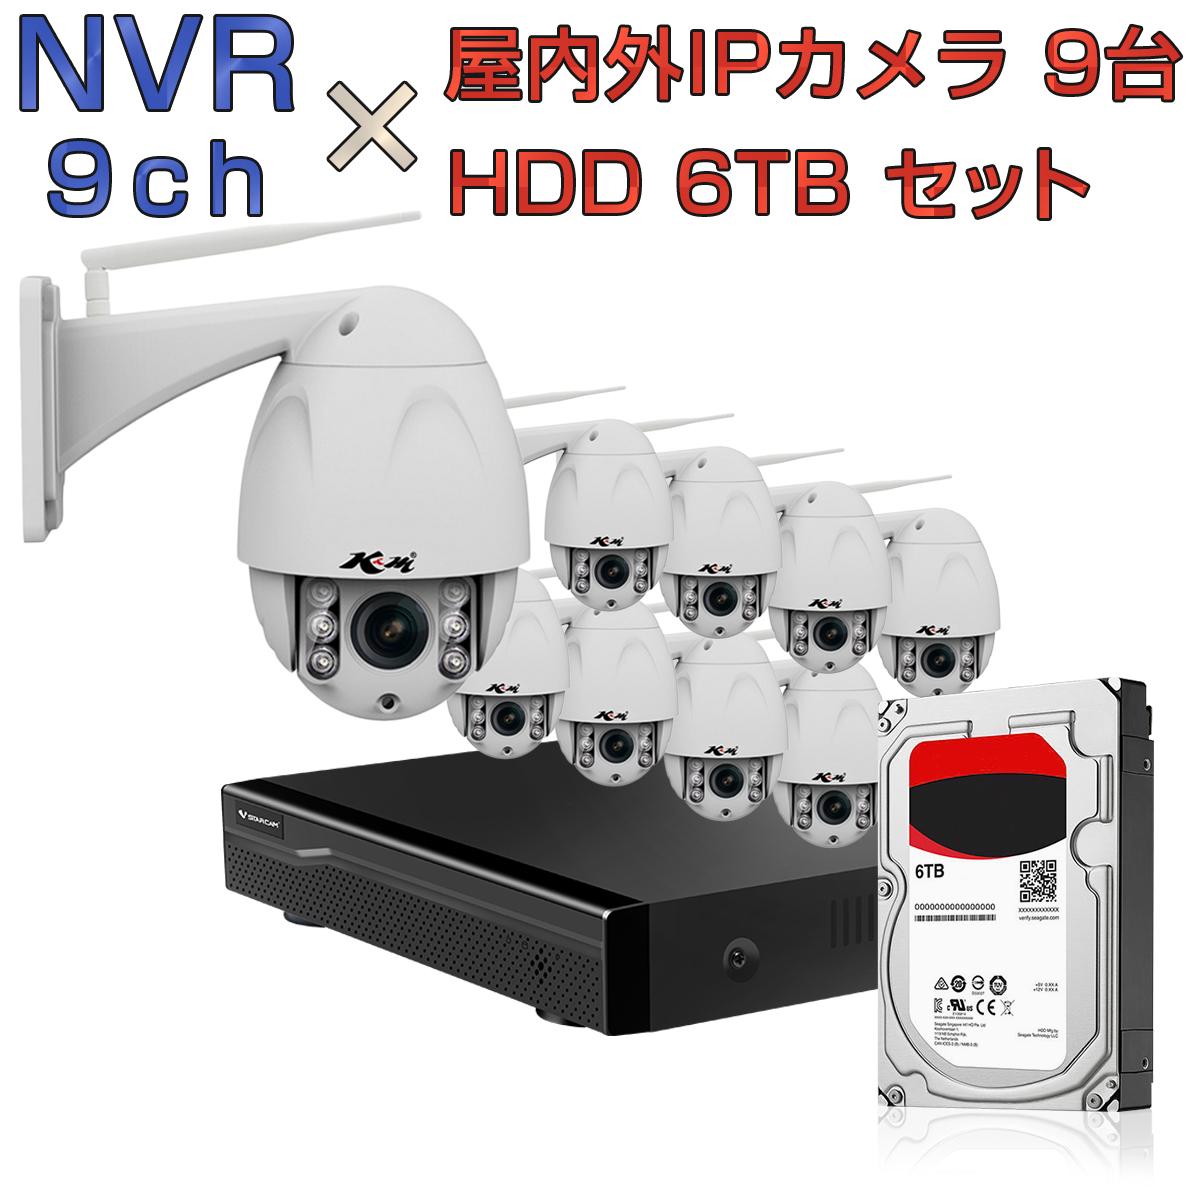 NVR ネットワークビデオレコーダー 9ch HDD6TB内蔵 C34S 2K 1080P 200万画素カメラ 9台セット IP ONVIF形式 スマホ対応 遠隔監視 1080P FHD 動体検知 同時出力 録音対応 H.265+ IPカメラレコーダー監視システム 宅配便送料無料 1年保証 K&M